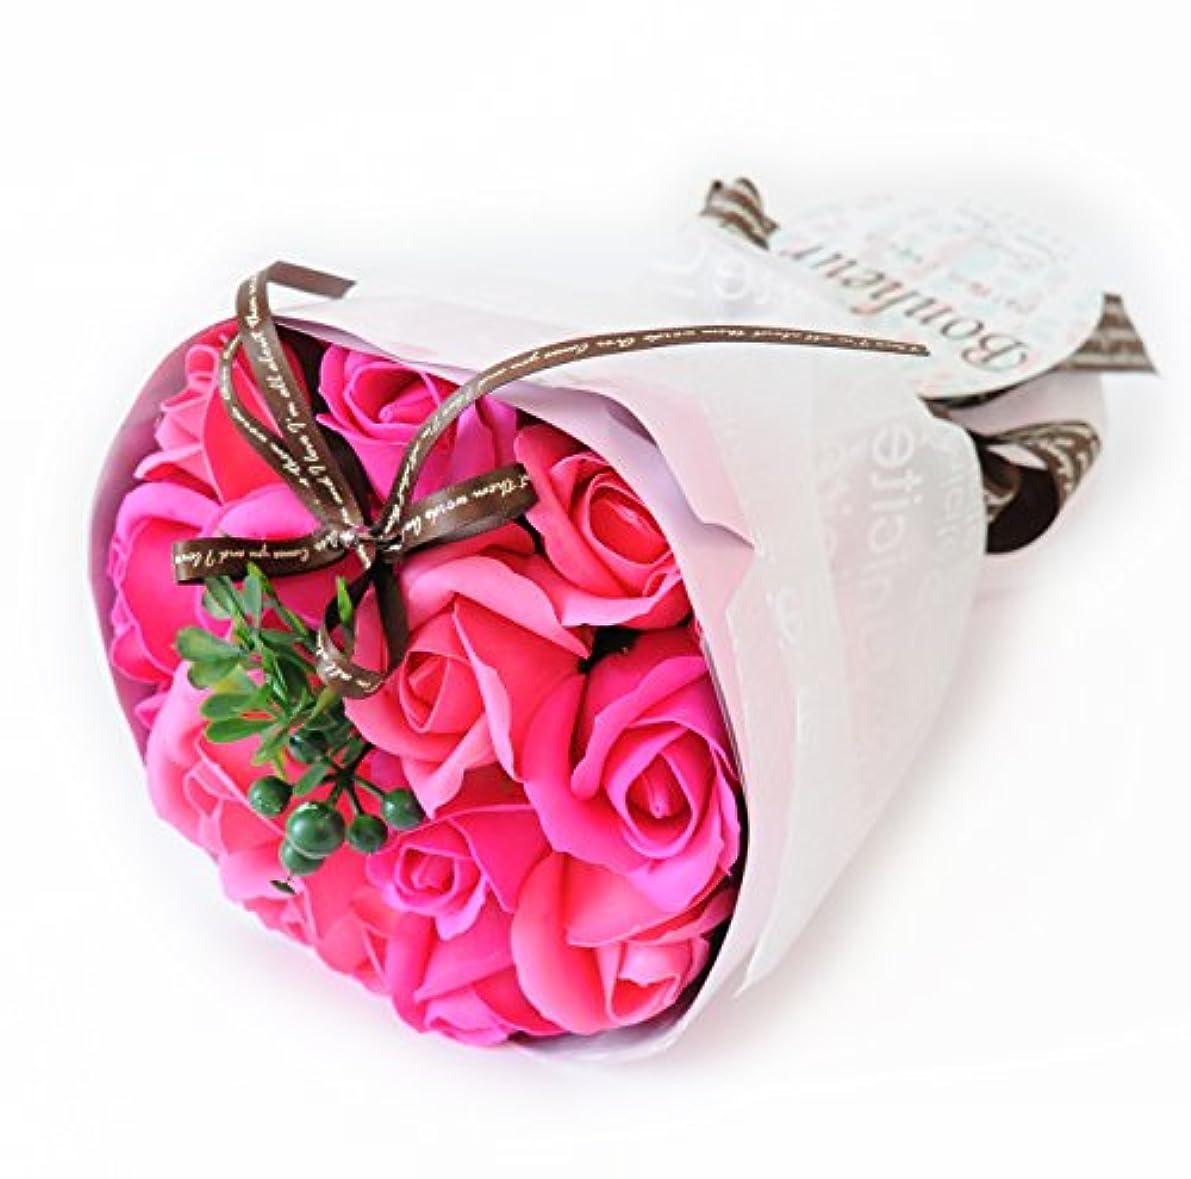 侵入するテクスチャーチームフラワーマーケット花由 ソープフラワー アロマローズブーケ ビューティー シャボンフラワー フラワーソープ